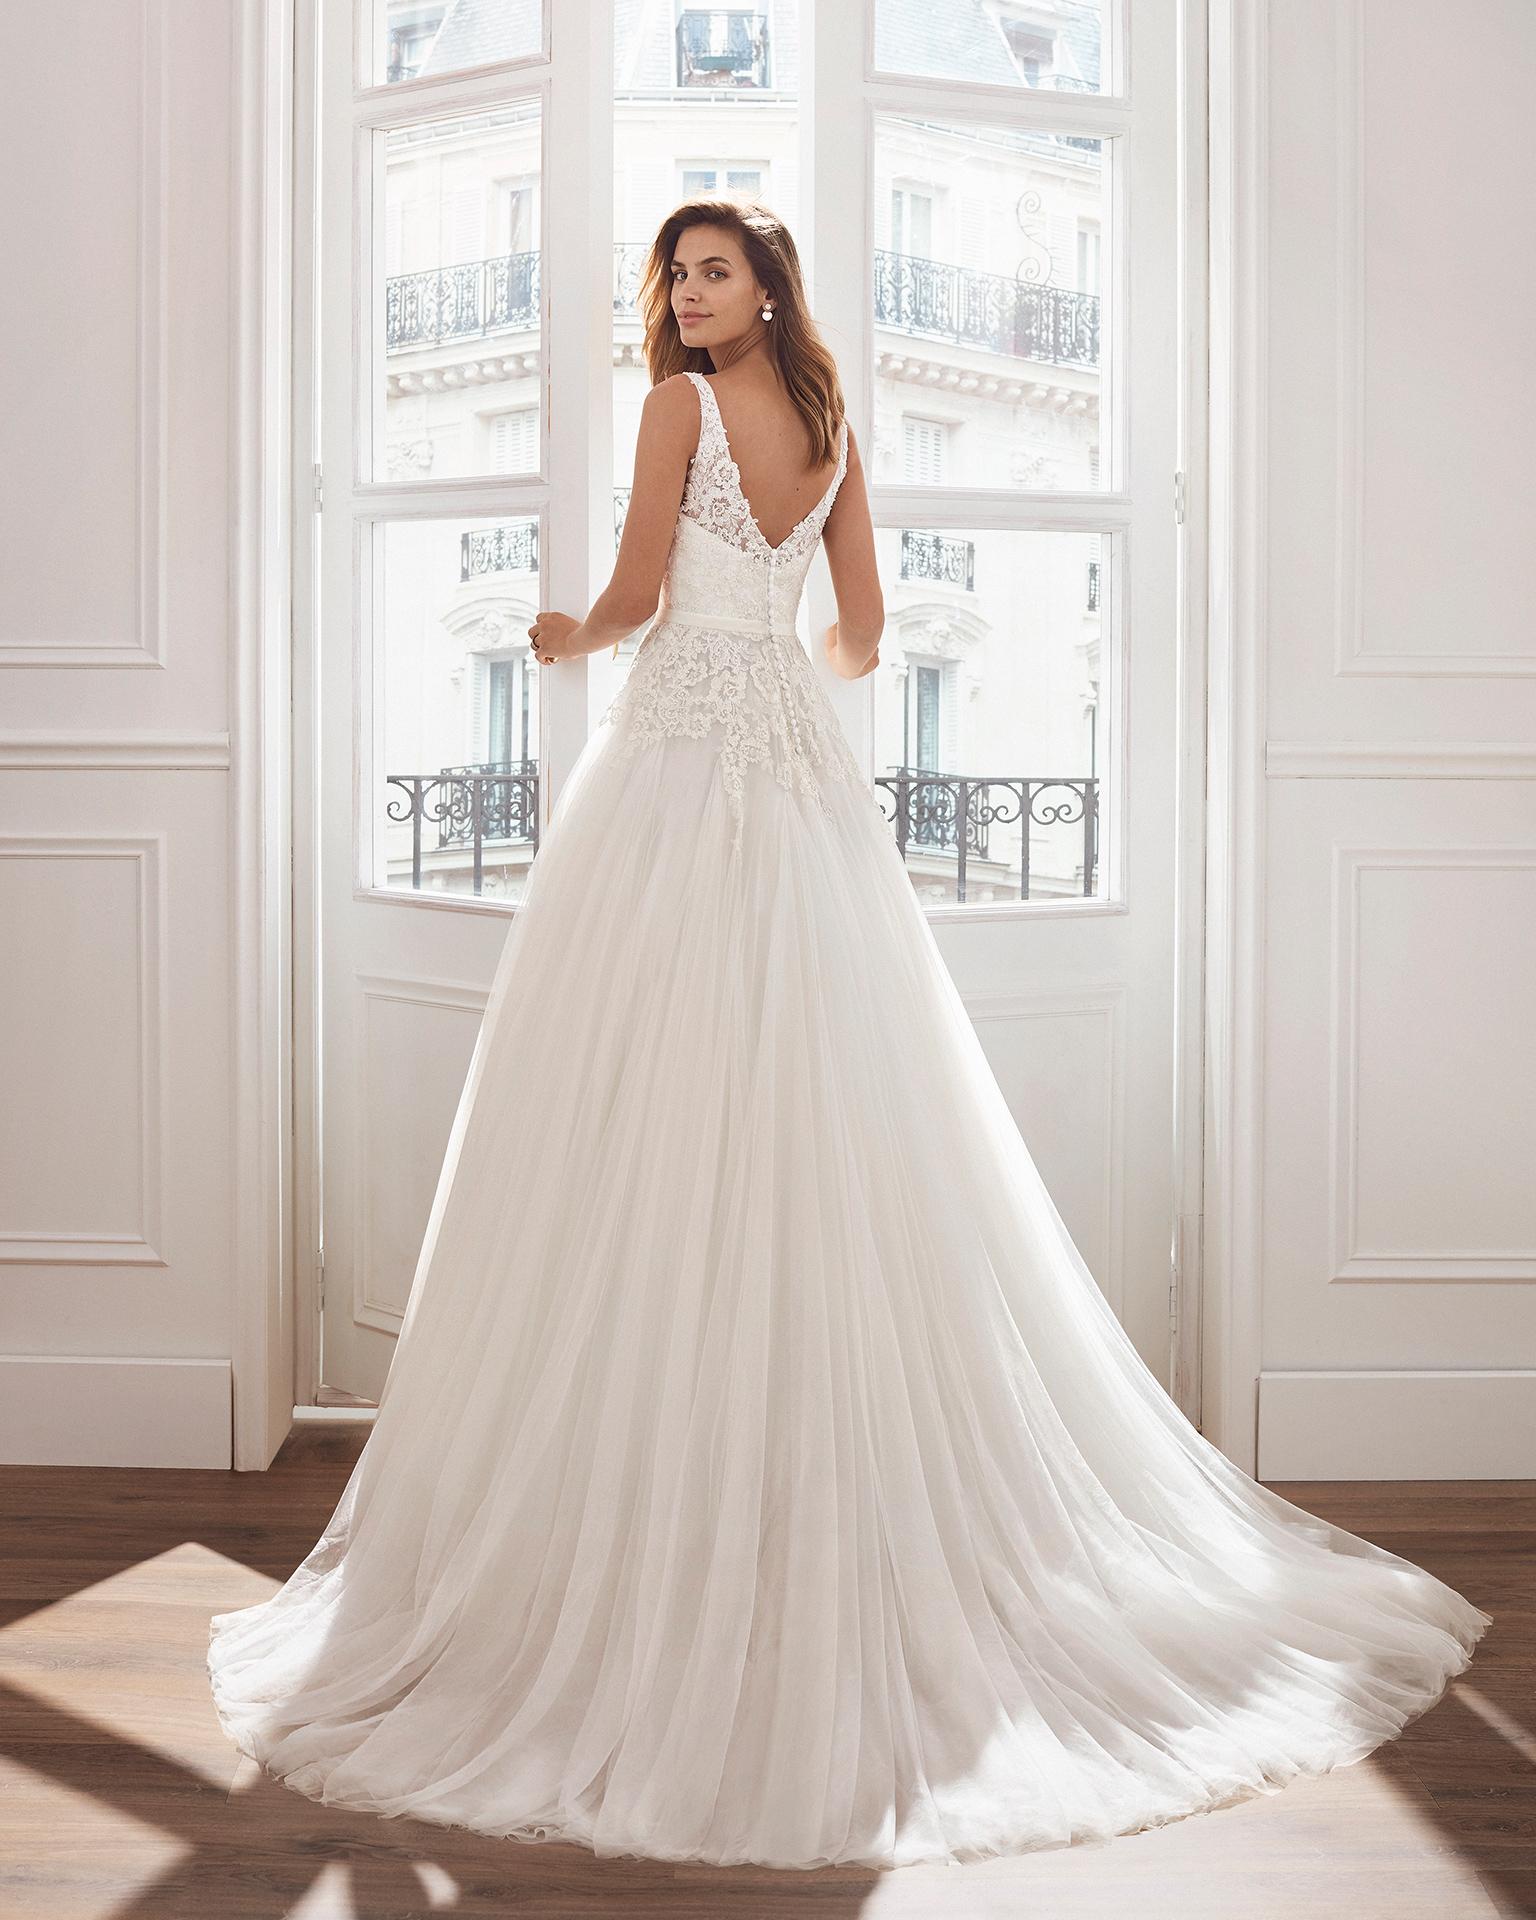 Vestido de novia estilo princesa en tul. Escote en V y cuerpo de encaje pedrería . Disponible en color natural. Colección  2019.